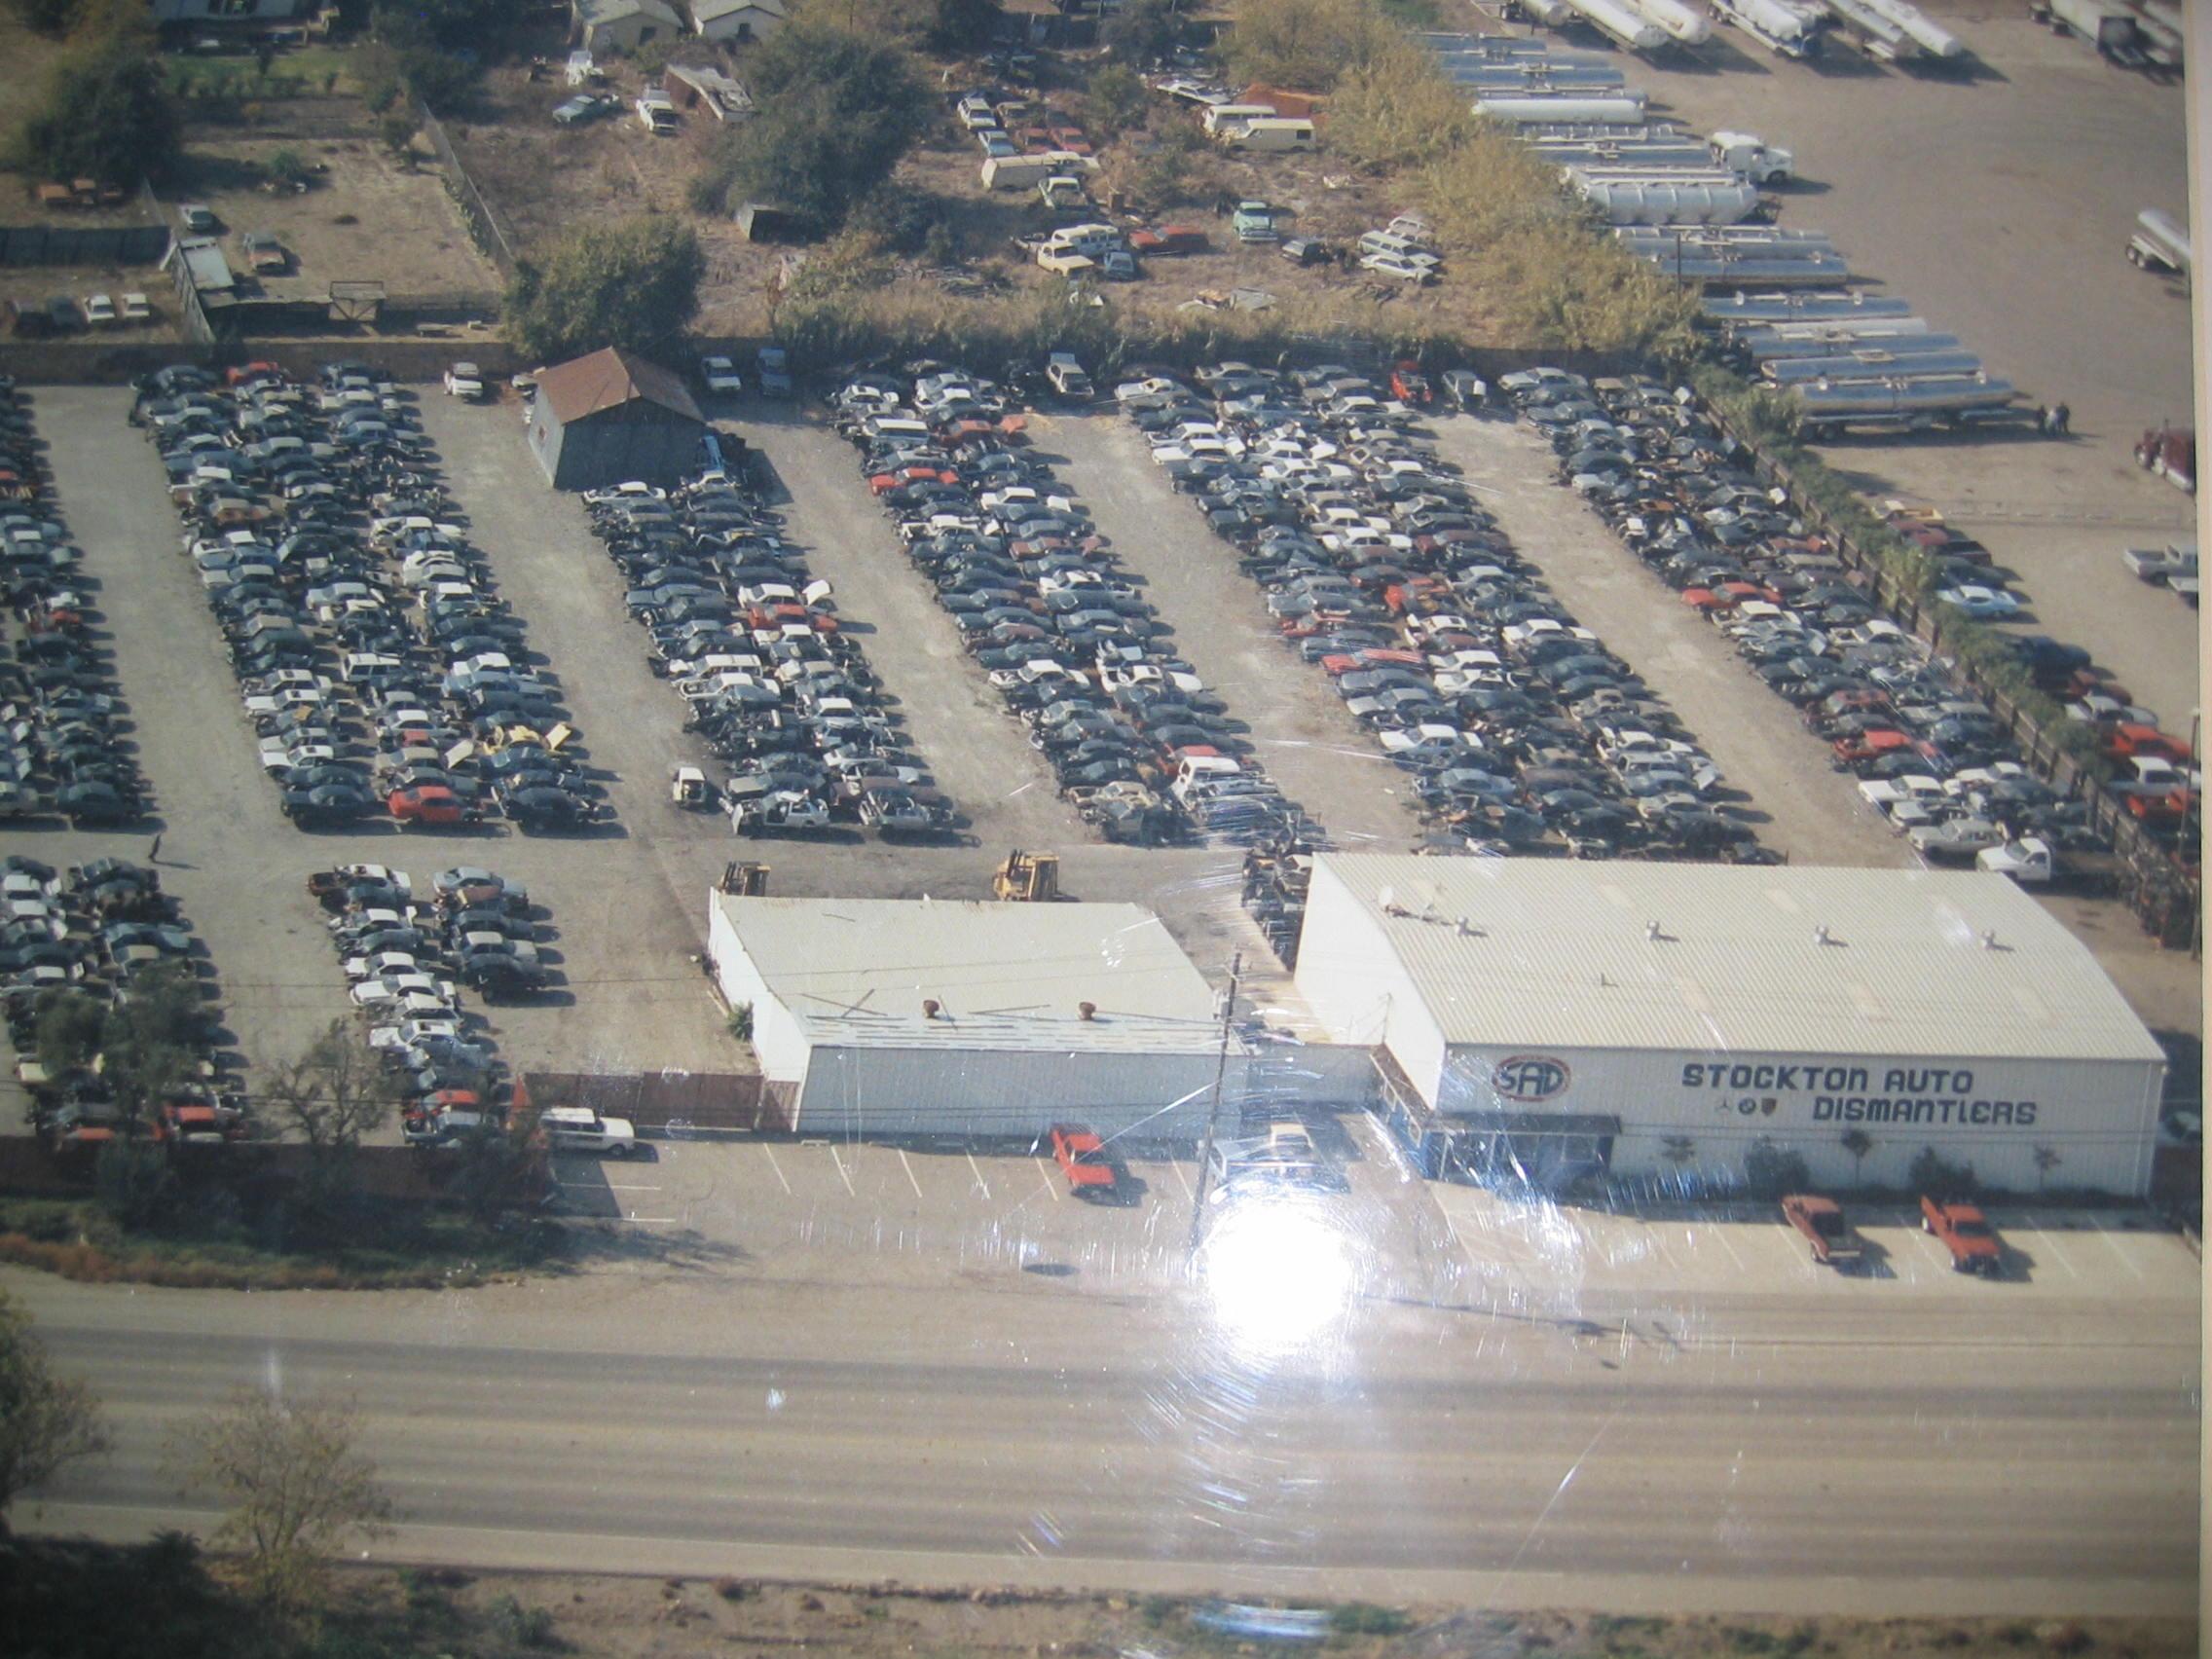 About Stockton Auto Dismantler